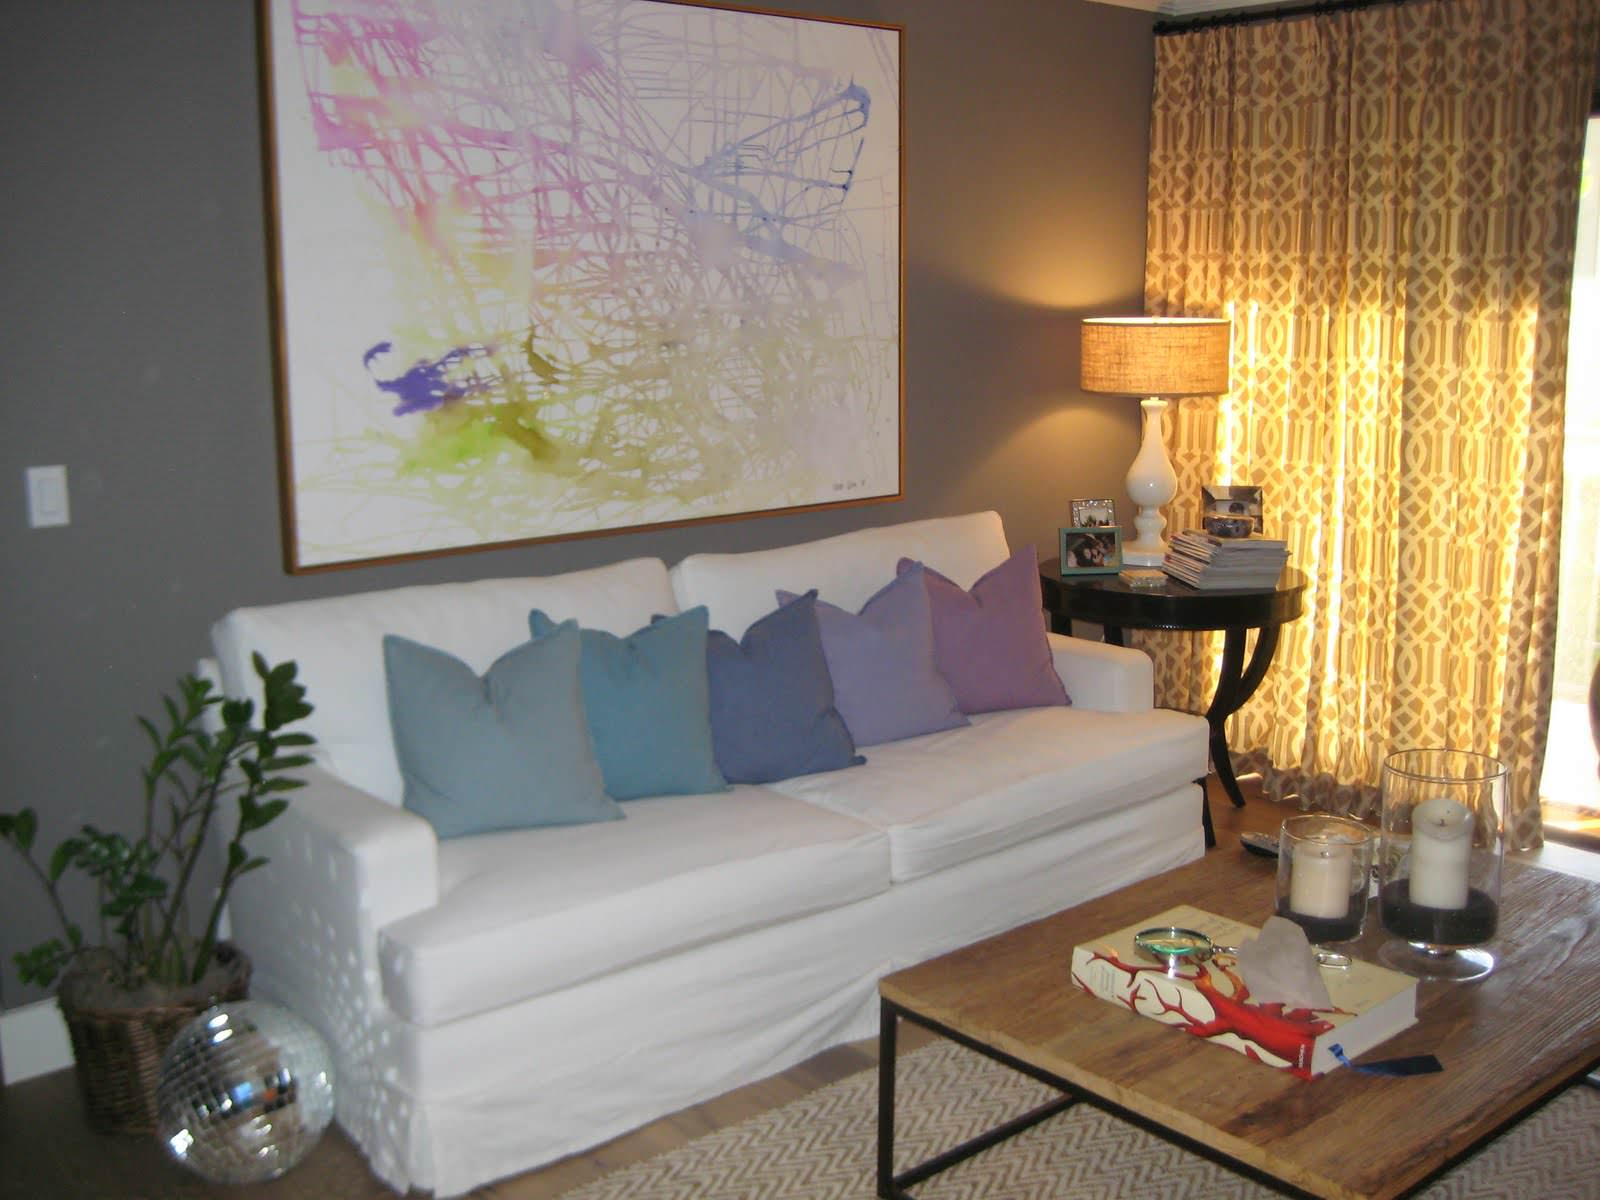 decoracao de uma sala pequena : decoracao de uma sala pequena:Dicas de Como Decorar uma Sala Pequena e Simples